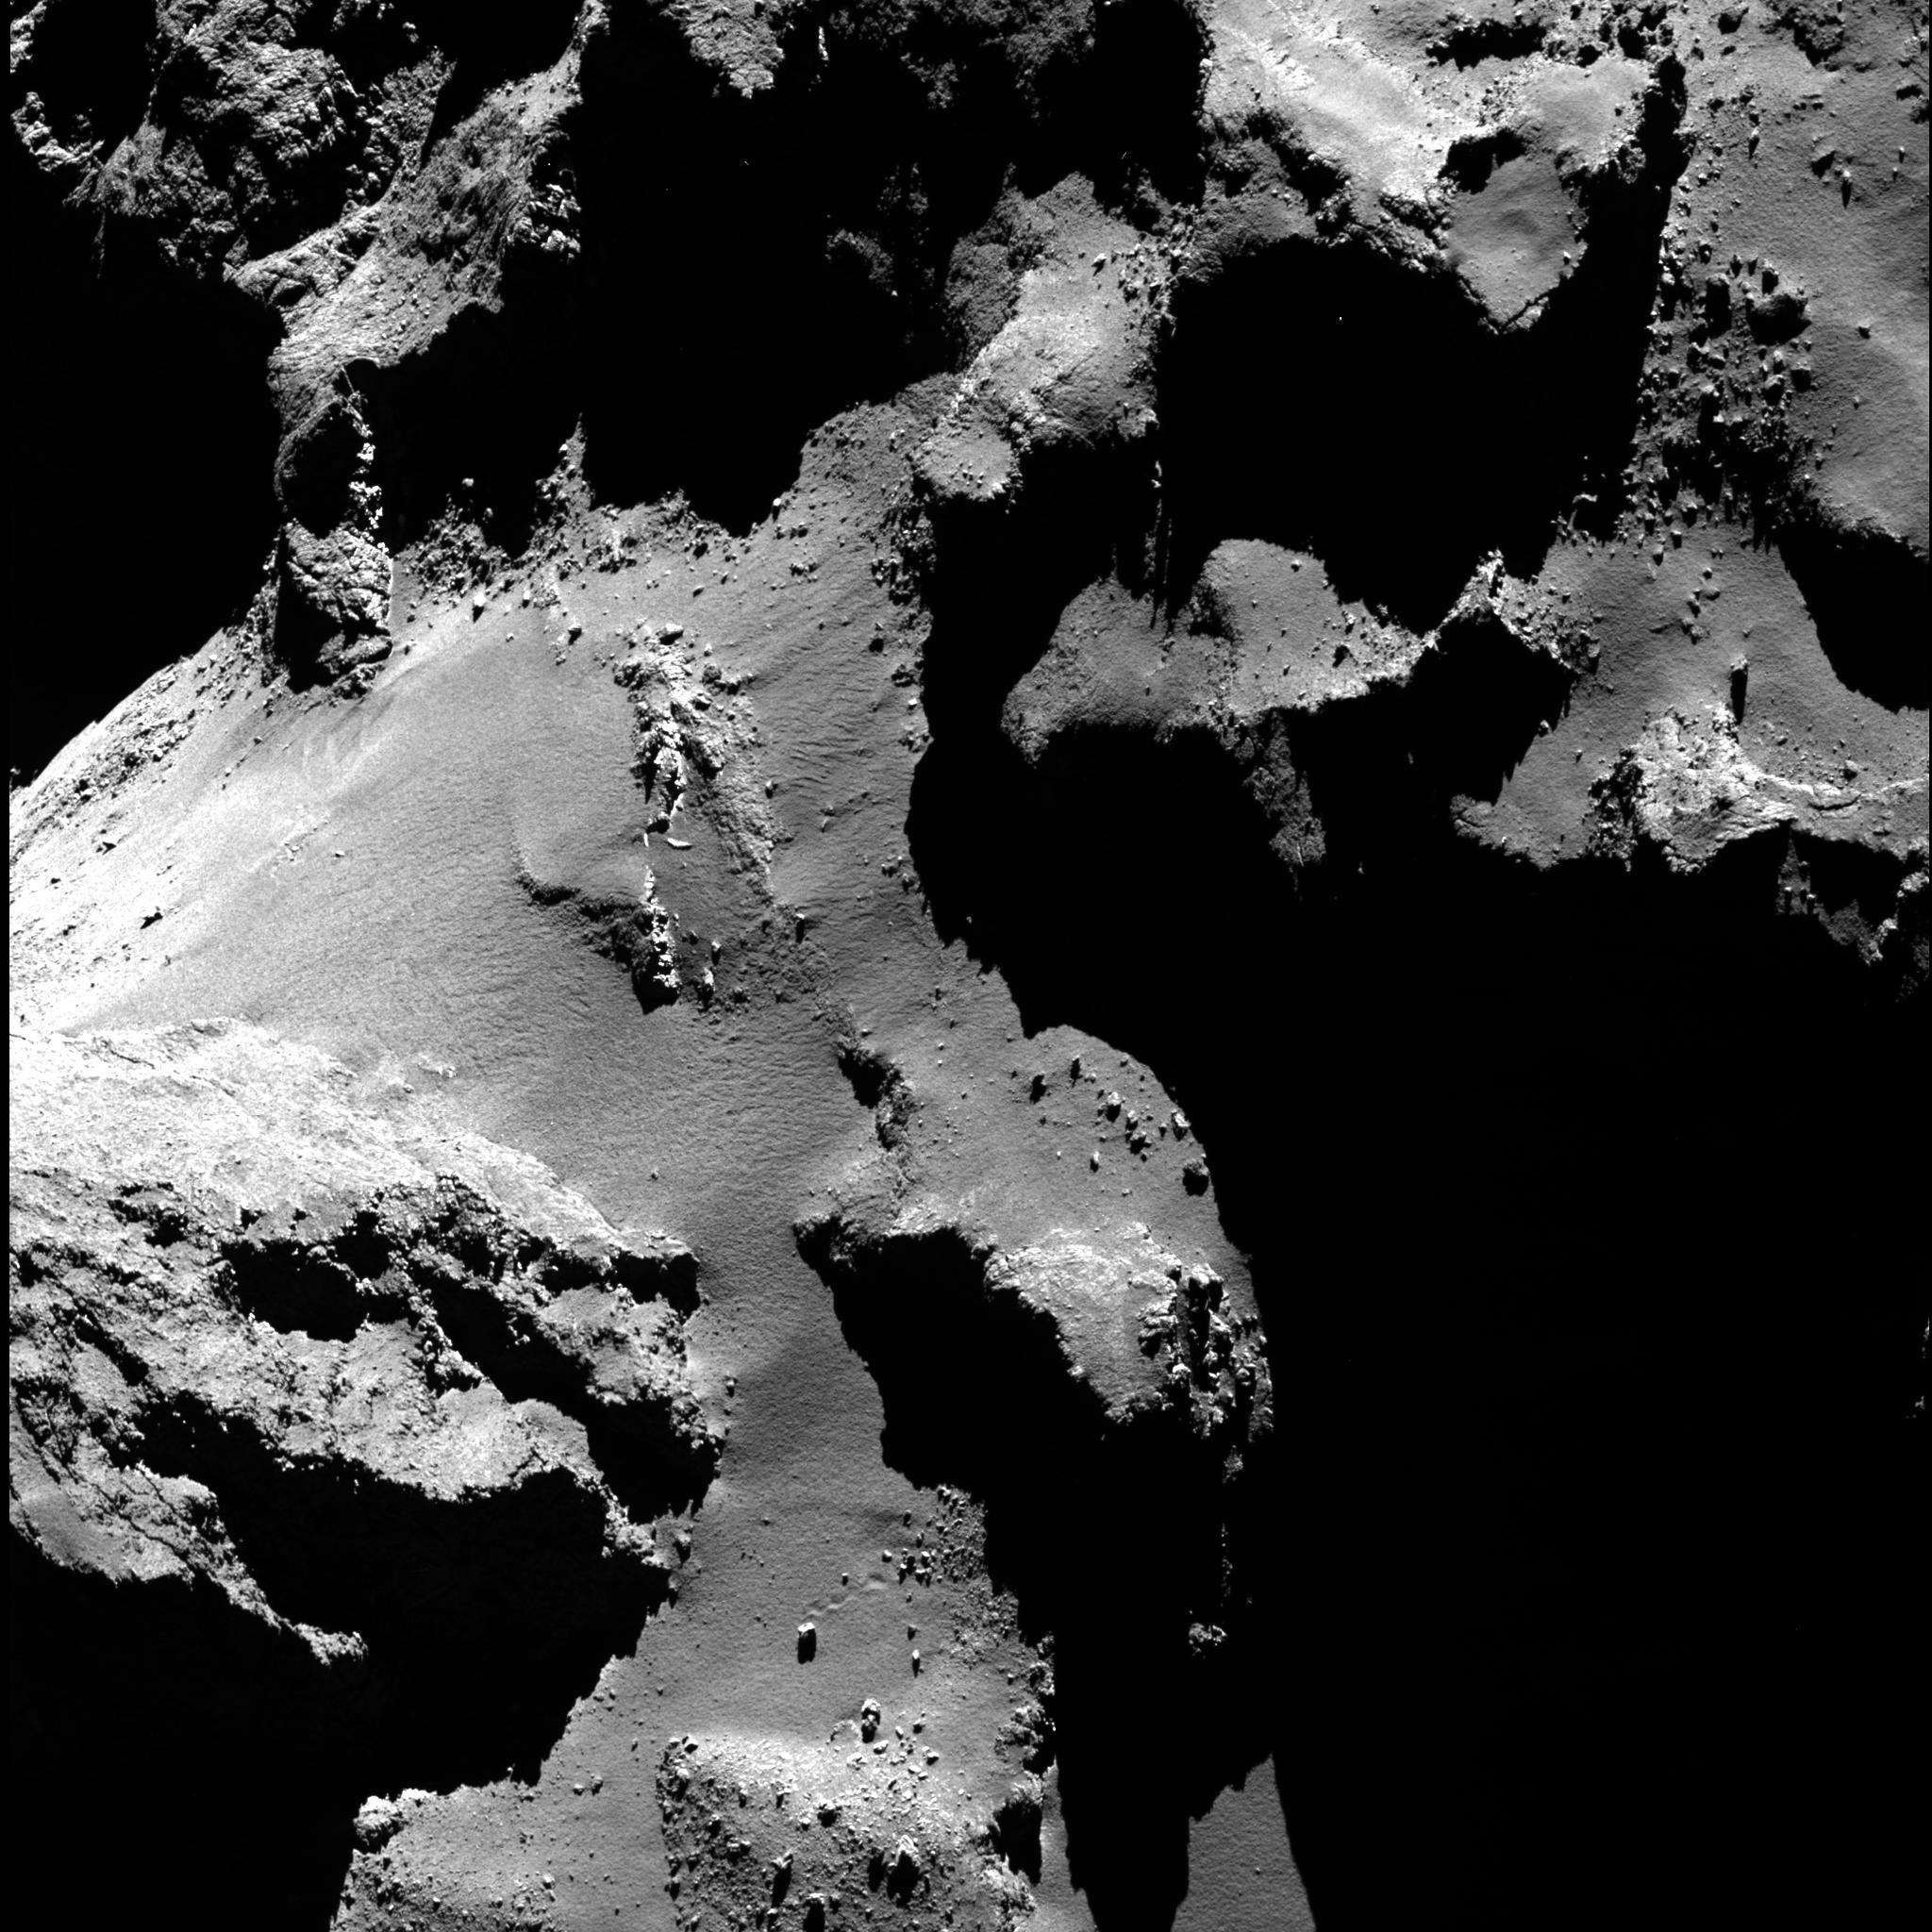 Rosetta_67P_OSIRIS_NAC_20160605_bouncing_boulder.jpg